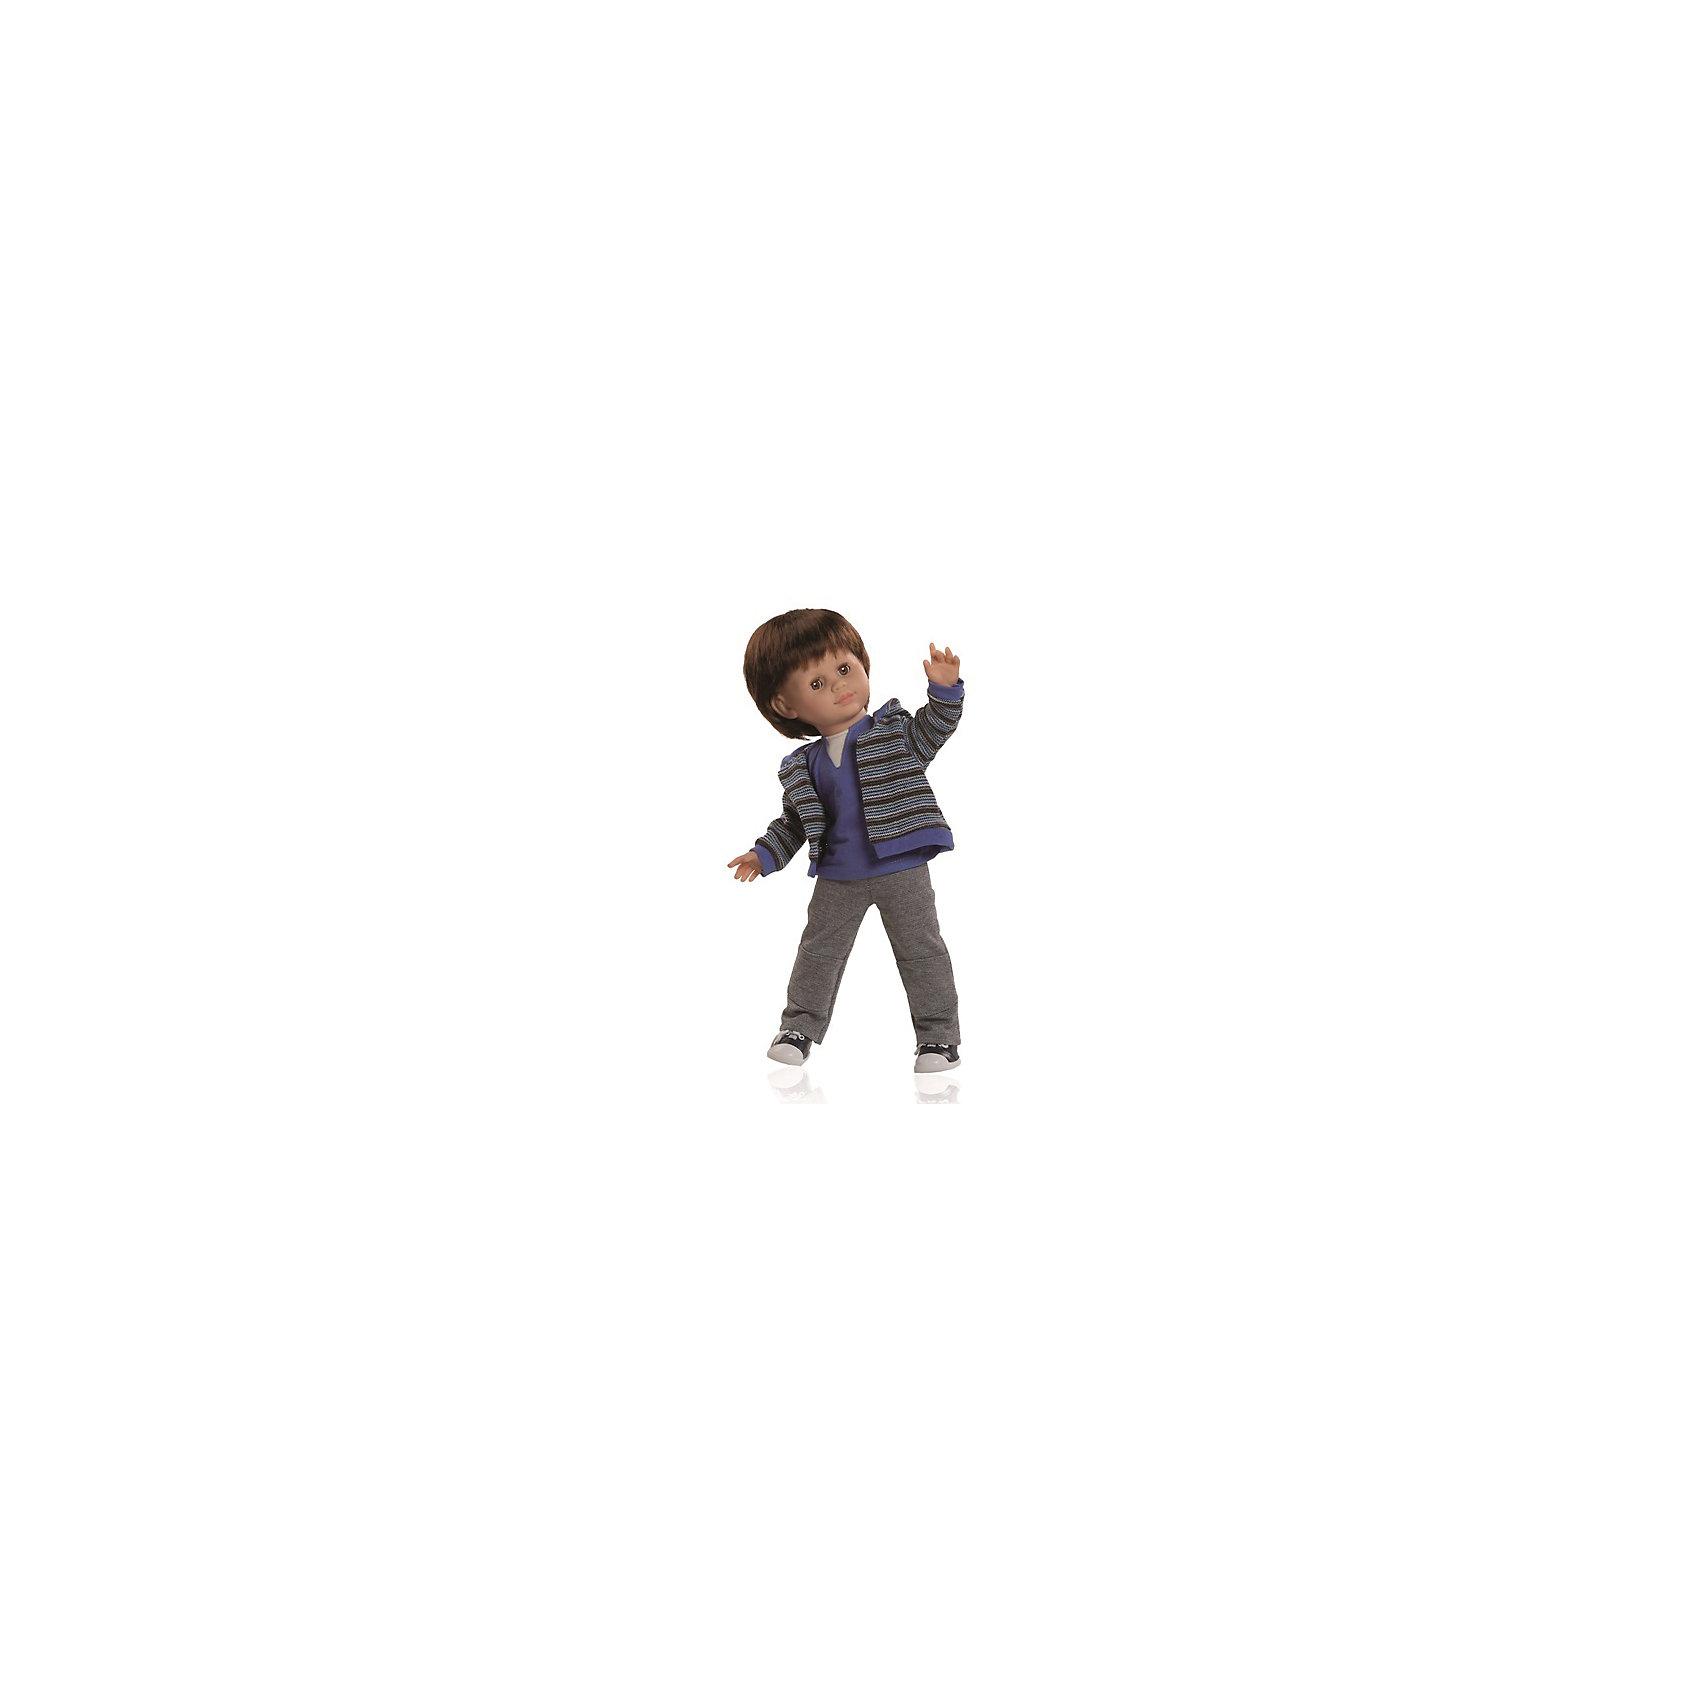 Кукла Унай, 47 см, Paola ReinaЭтот очаровательный сорванец Унай так похож на маленького озорного мальчишку! Кукла имеет мягконабивное тело и скелетный каркас, благодаря этому у нее вращаются руки и ноги (вдоль тела и на 360 градусов). Тело куклы может немного сгибаться в талии. Костюм Уная состоит из удобных штанишек, мягкой водолазки и стильной полосатой толстовки. На ногах - кроссовки. Куклы Паола Рейна имеют нежный ванильный аромат, одеты в модную одежду с аксессуарами. Выразительная мимика, уникальный и неповторимый дизайн лица и тела делают эти игрушки запоминающимися и уникальными. Куклы изготовлены из высококачественных нетоксичных материалов, абсолютно безопасны для детей. <br><br>Дополнительная информация:<br><br>- Материалы: кукла изготовлена из винила и текстиля; глаза выполнены в виде кристалла из прозрачного твердого пластика; волосы сделаны из высококачественного нейлона, одежда - текстиль.<br>- Размер: 47 см.<br>- Комплектация: кукла в одежде и обуви. <br>- Голова, ручки, ножки куклы подвижные.<br>- Мягконабивное тело.<br>- Нельзя мыть.<br>- Глаза закрываются.<br><br>Куклу Уная 47 см, Paola Reina (Паола Рейна), можно купить в нашем магазине.<br><br>Ширина мм: 290<br>Глубина мм: 155<br>Высота мм: 540<br>Вес г: 1500<br>Возраст от месяцев: 36<br>Возраст до месяцев: 144<br>Пол: Женский<br>Возраст: Детский<br>SKU: 4420324